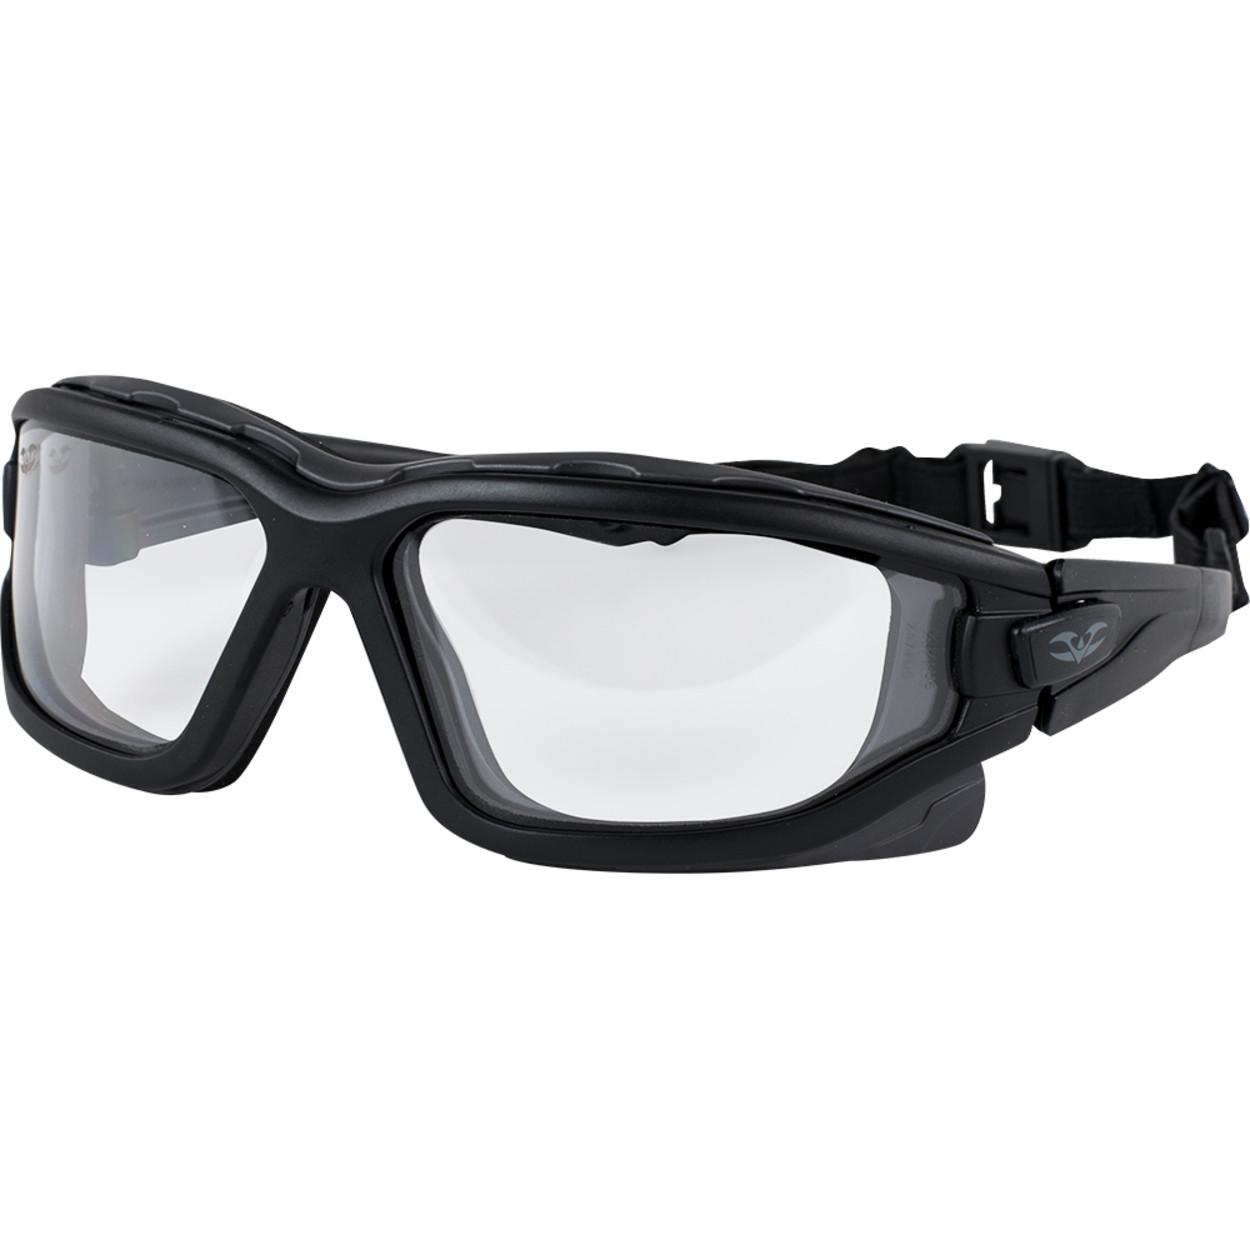 Airsoft Brille / Schießbrille Valken Zulu klar